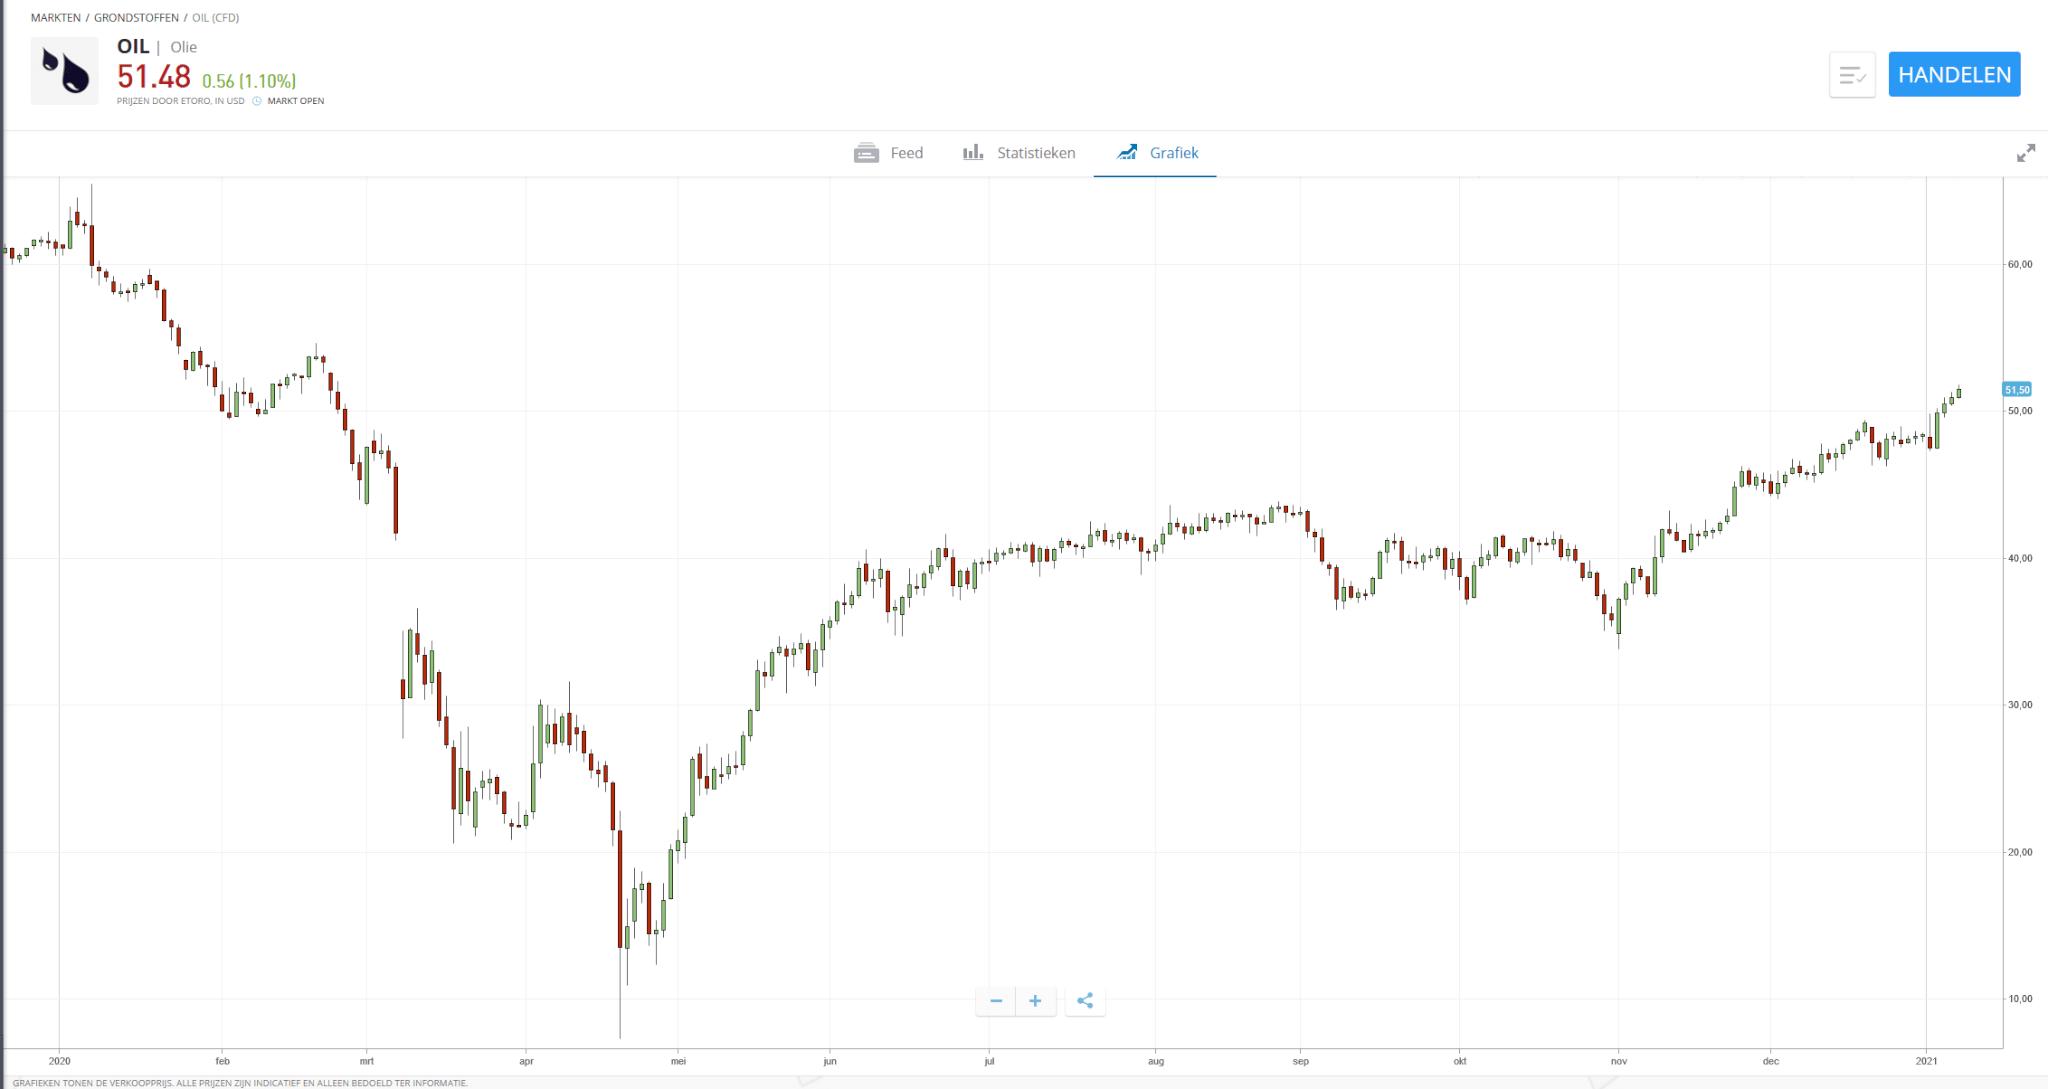 beleggen in olie grafiek 1 jaar